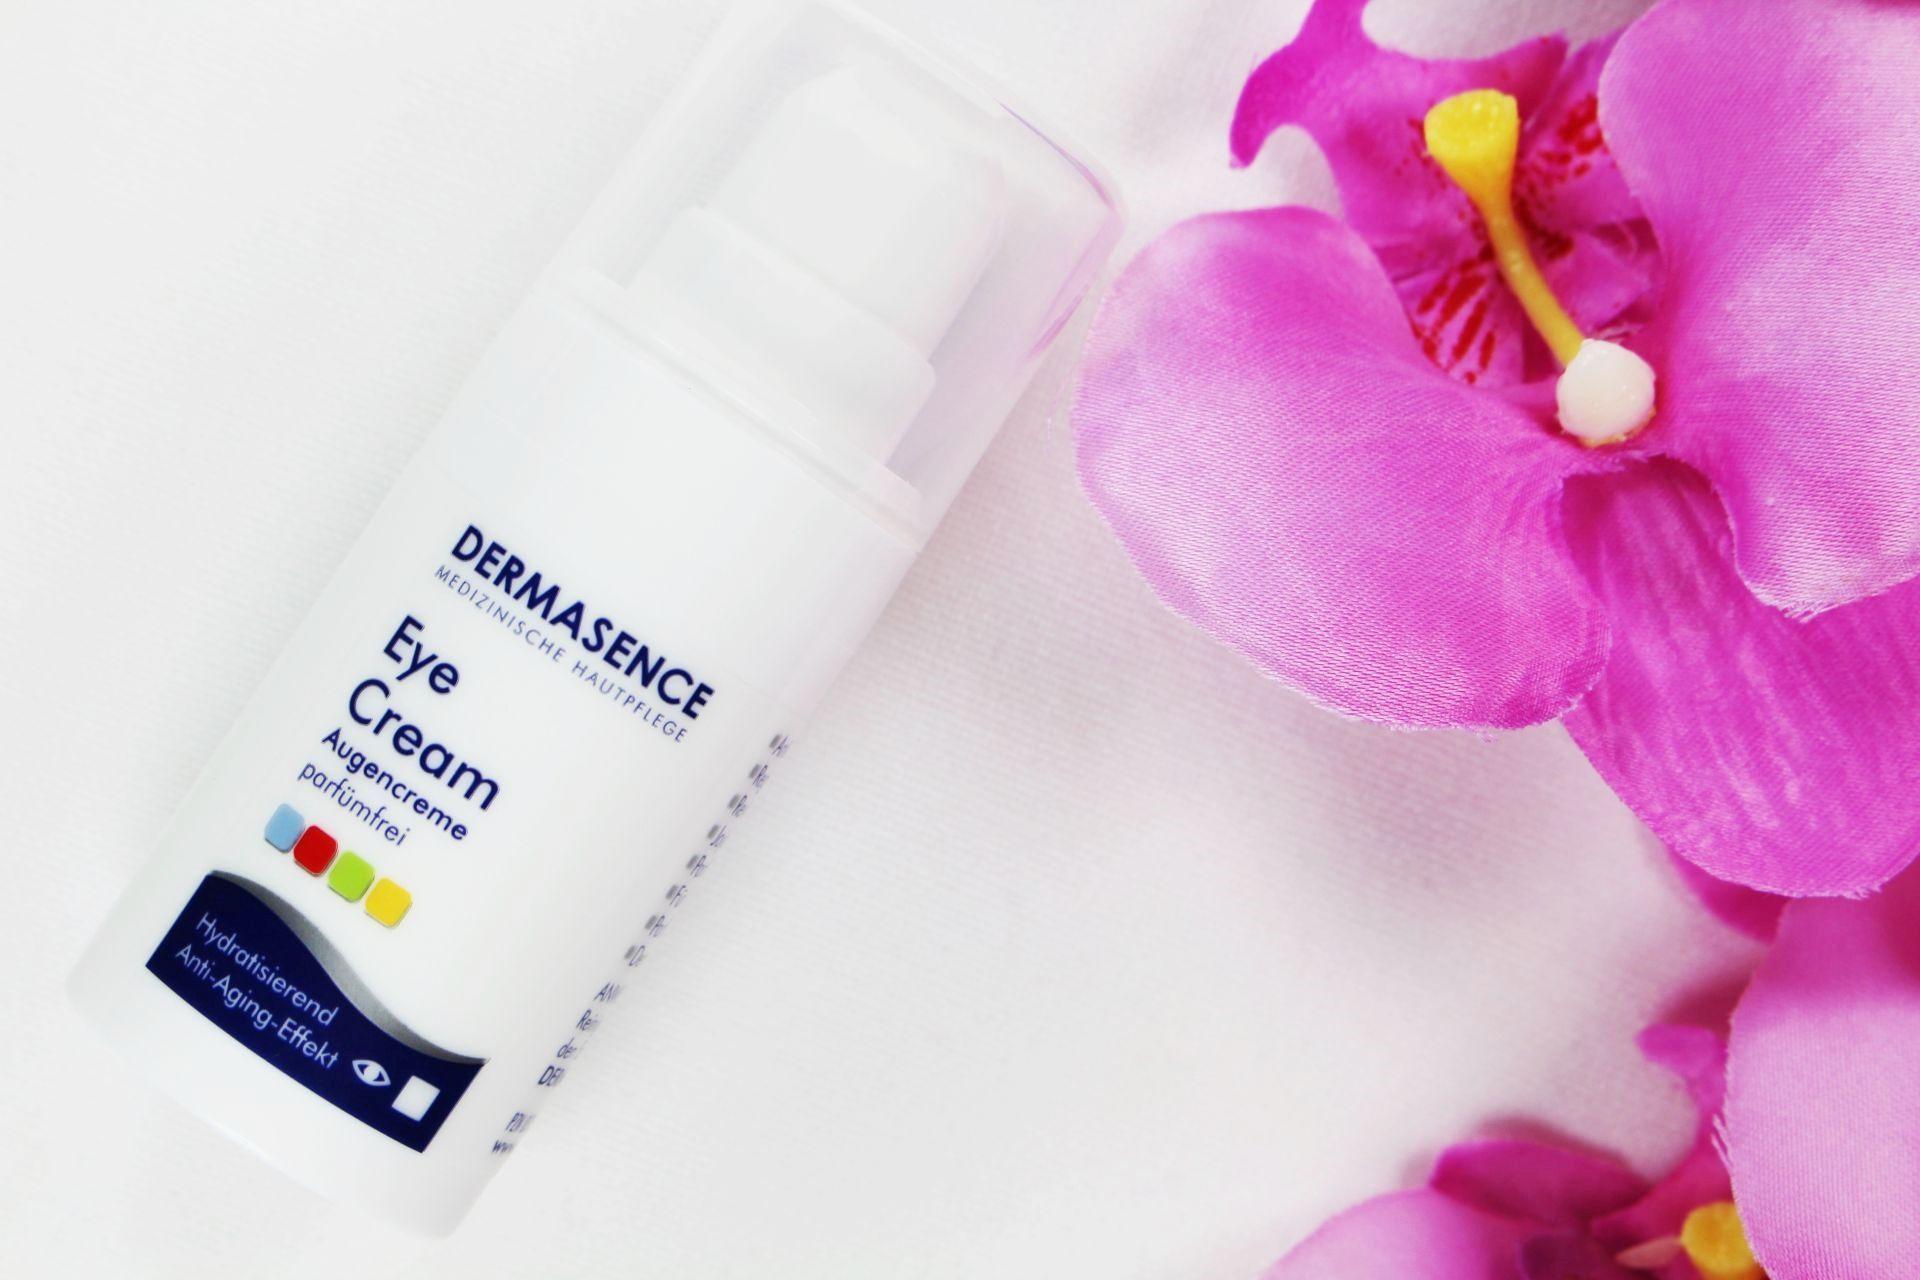 Dermasence Eye Cream, Anti-Aging Augencreme, Dermasence Augencreme, Dermasence…